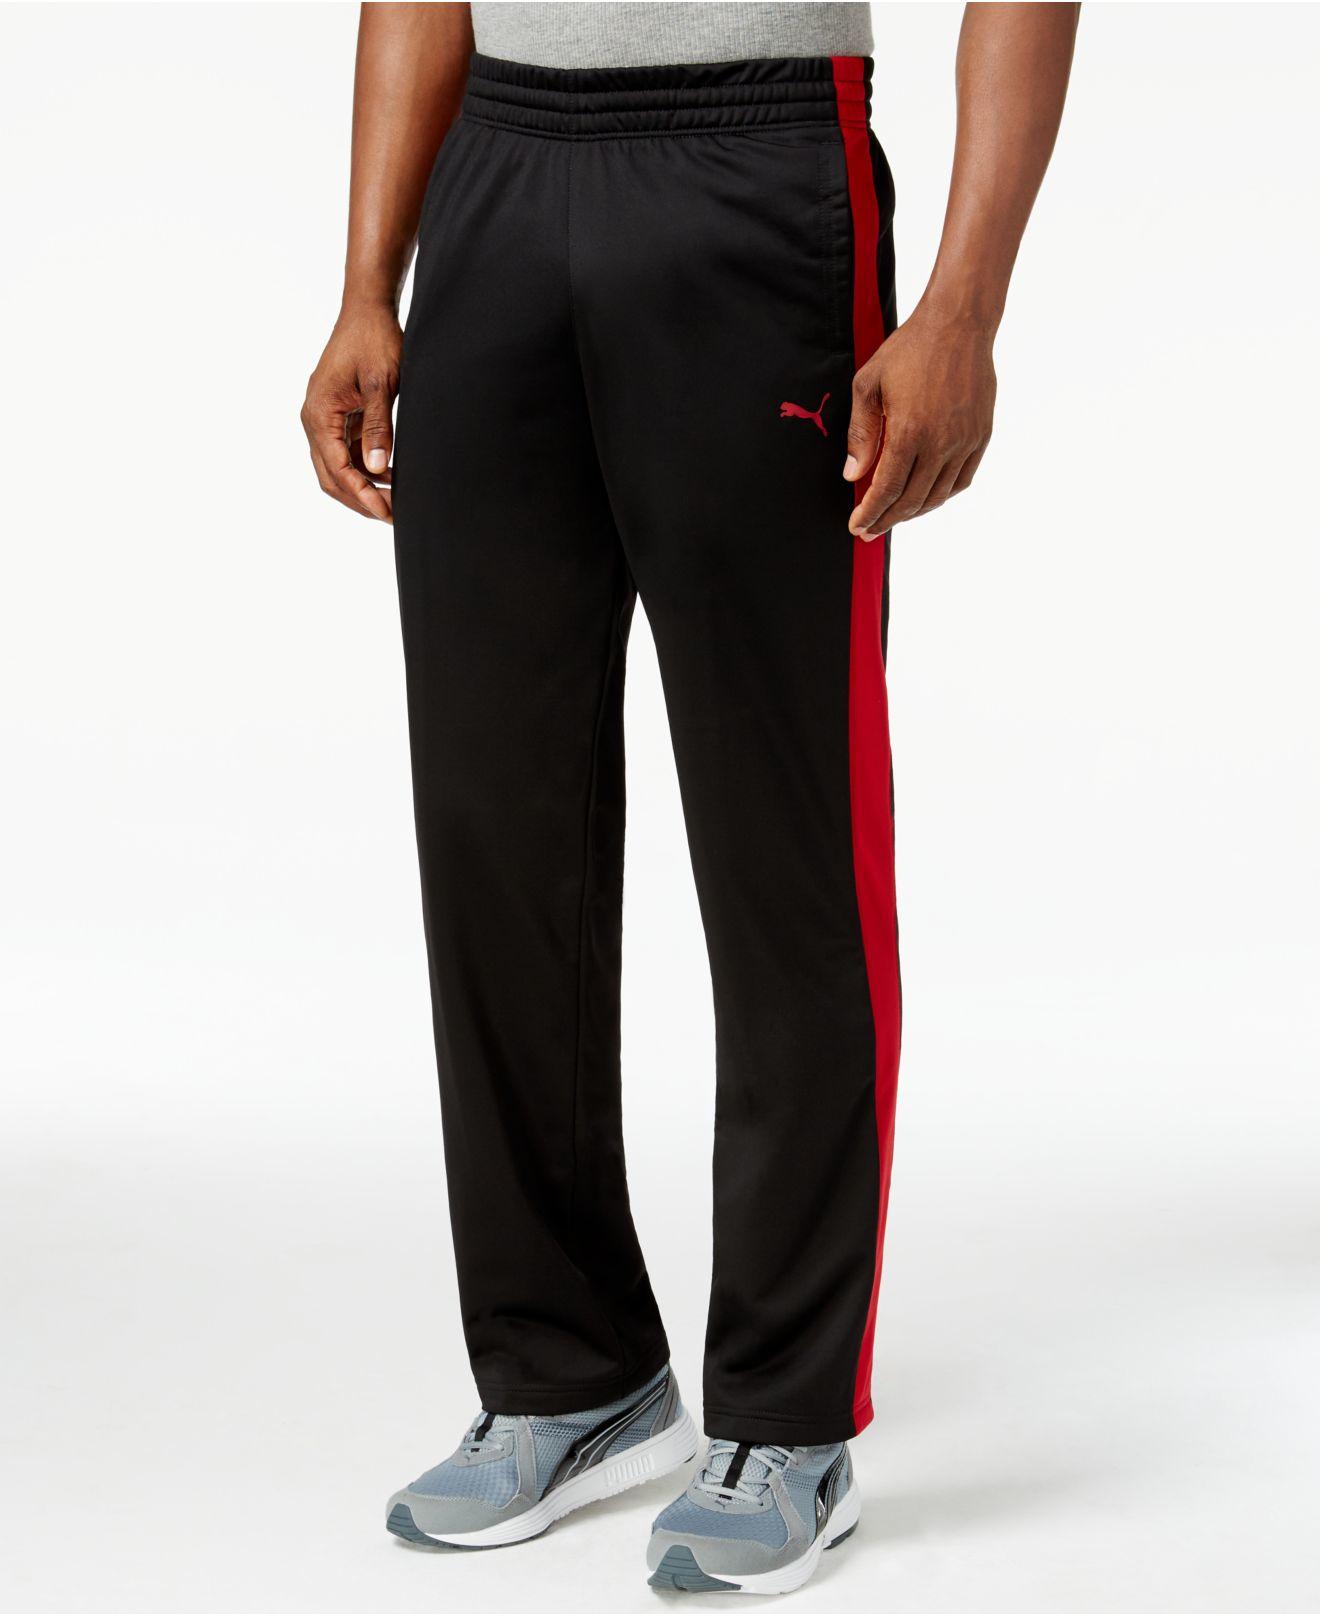 950834272e3e Lyst - PUMA Men s Tricot Contrast Track Pants in Black